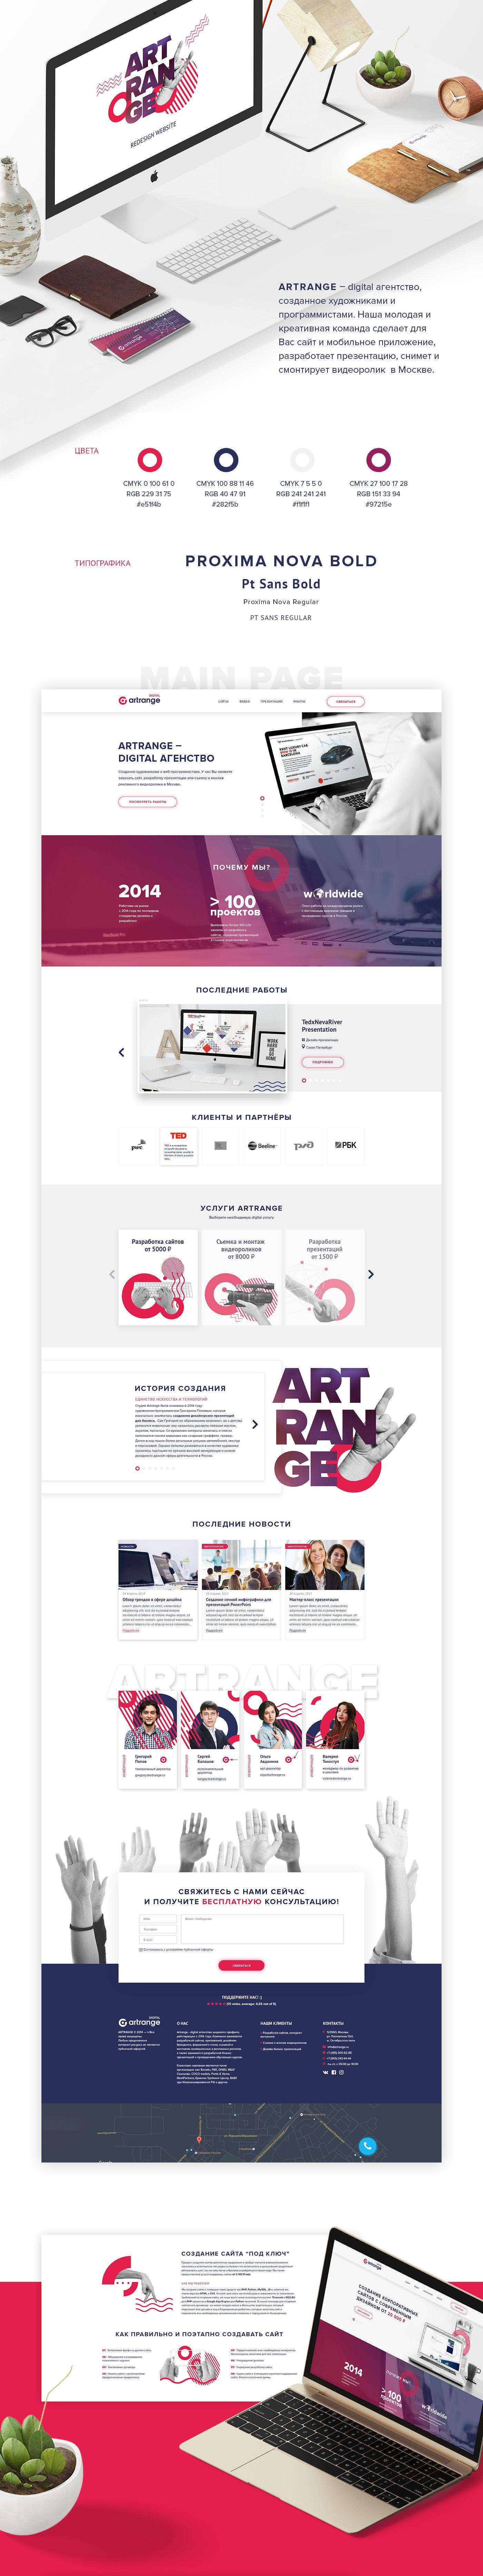 Redesign Website Artrange